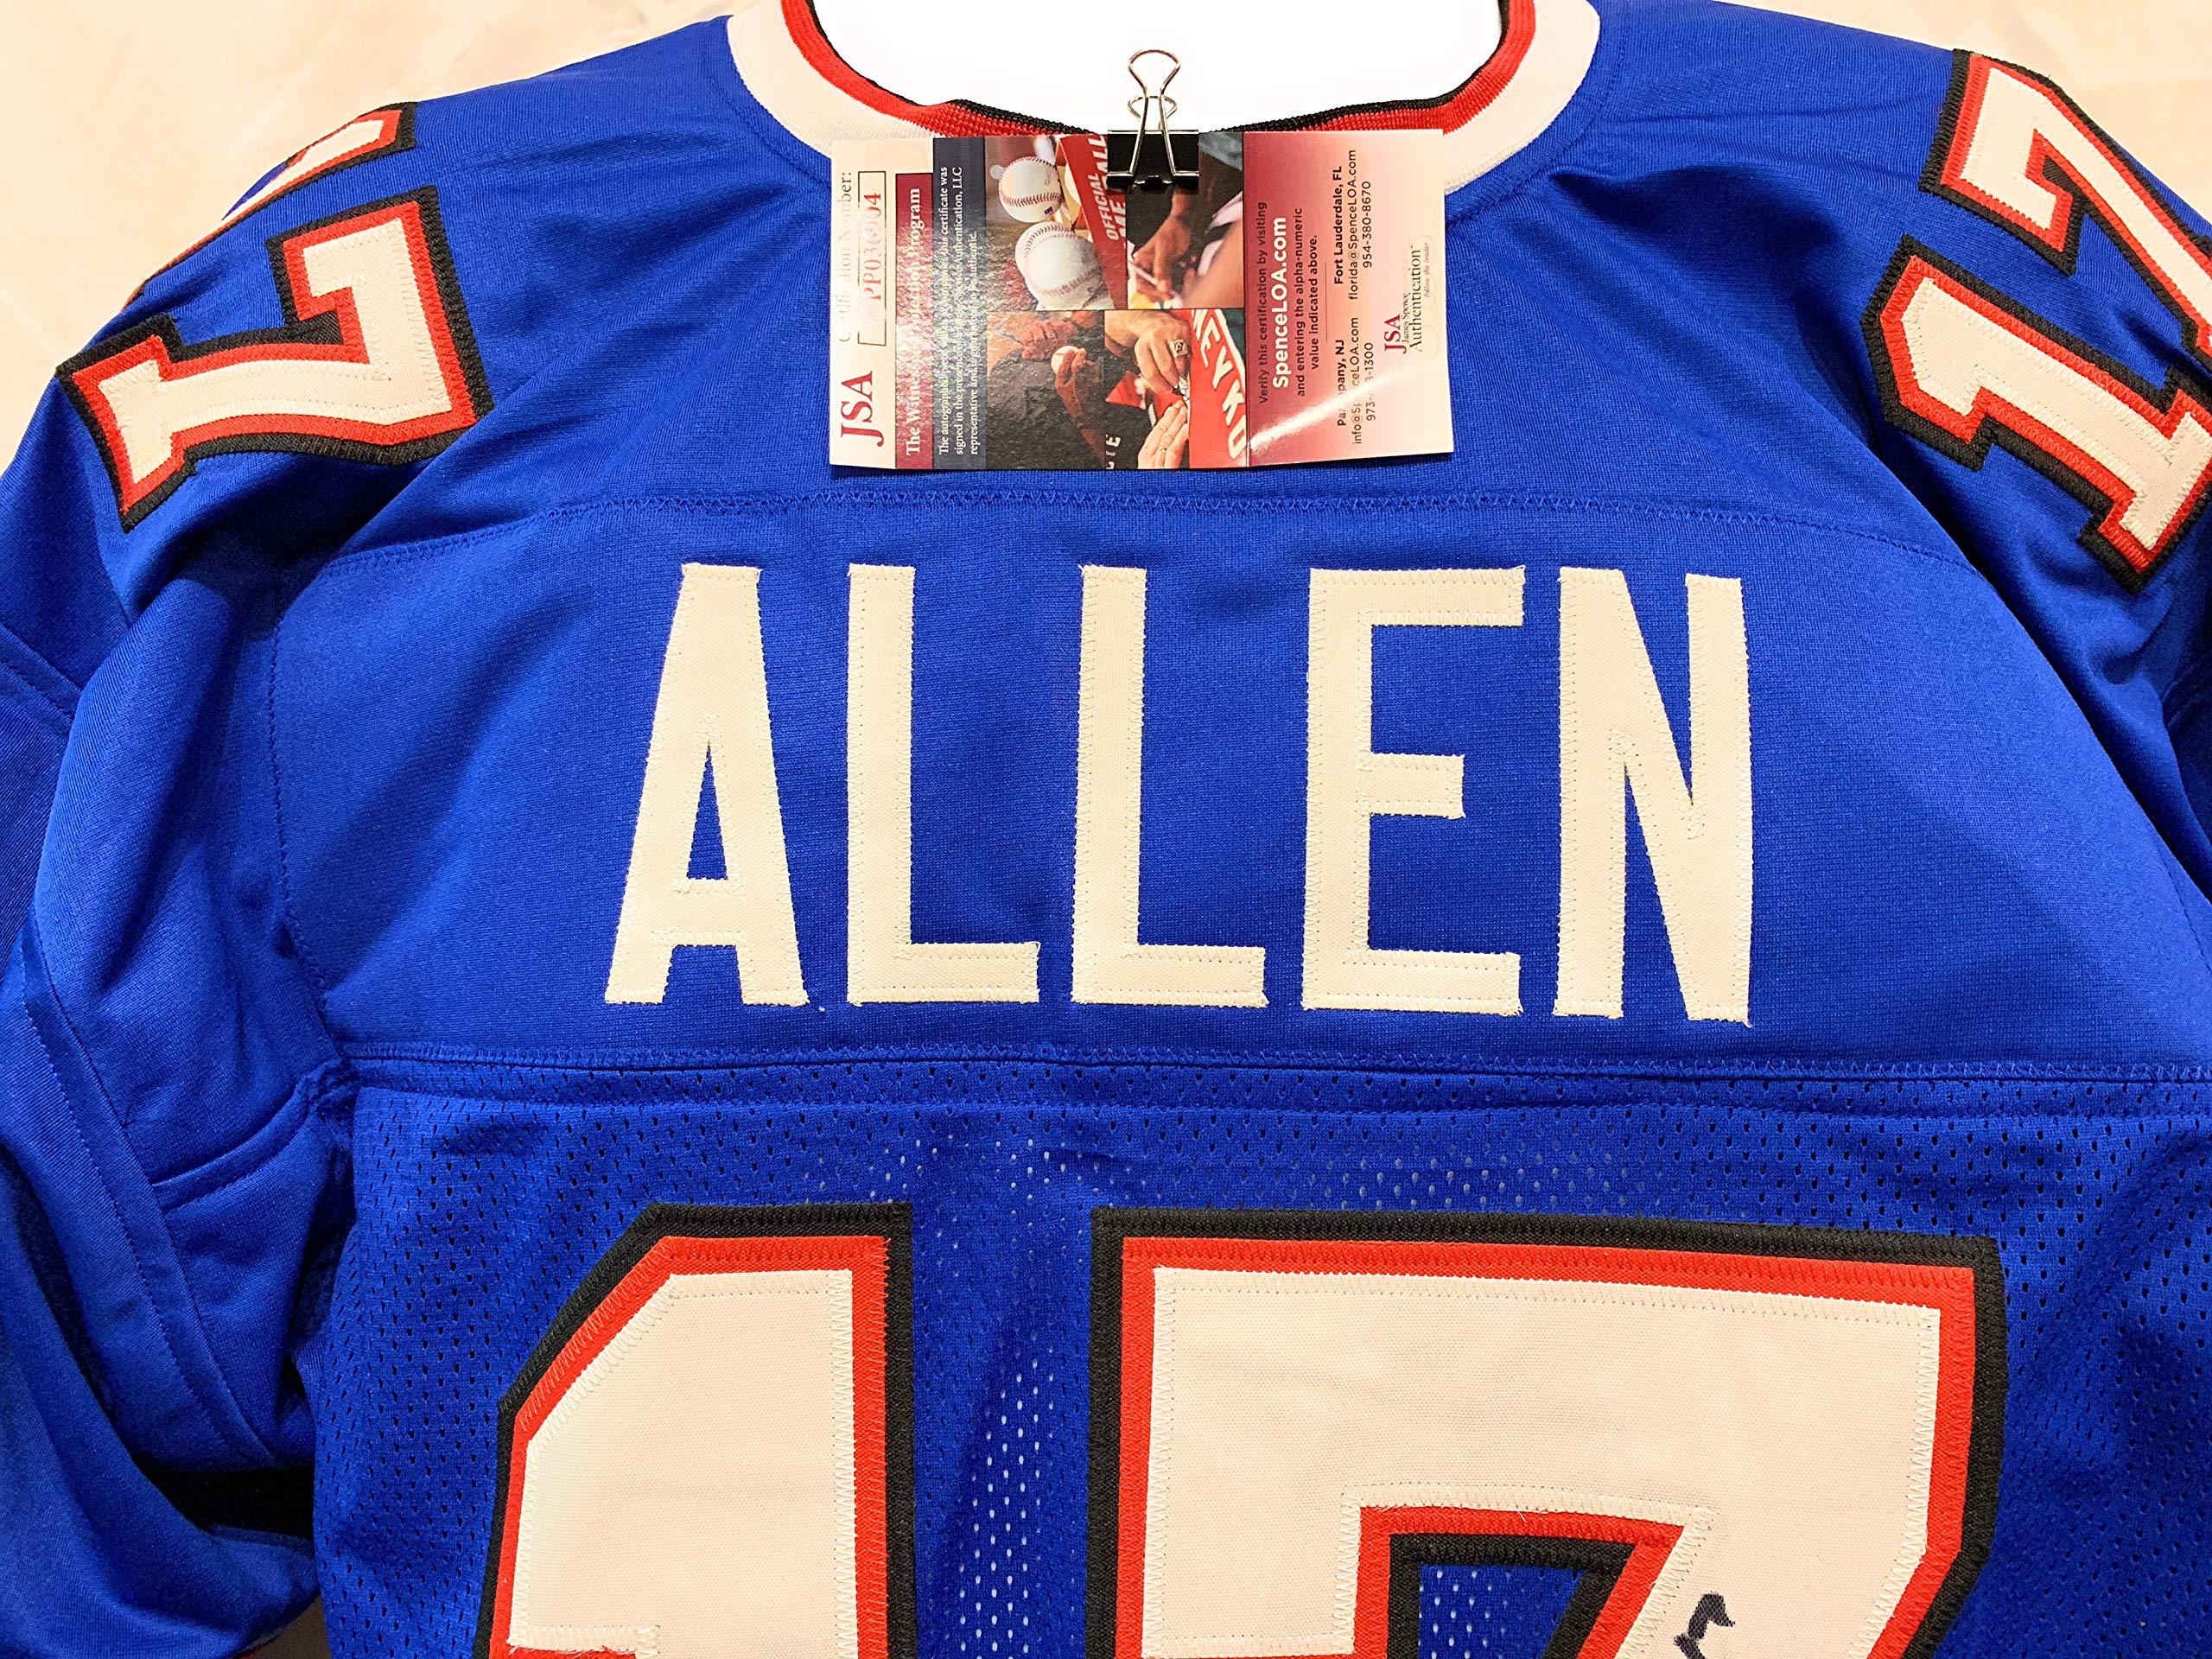 Josh Allen Buffalo Bills Signed Autograph Blue Custom Jersey JSA Witnessed Certified